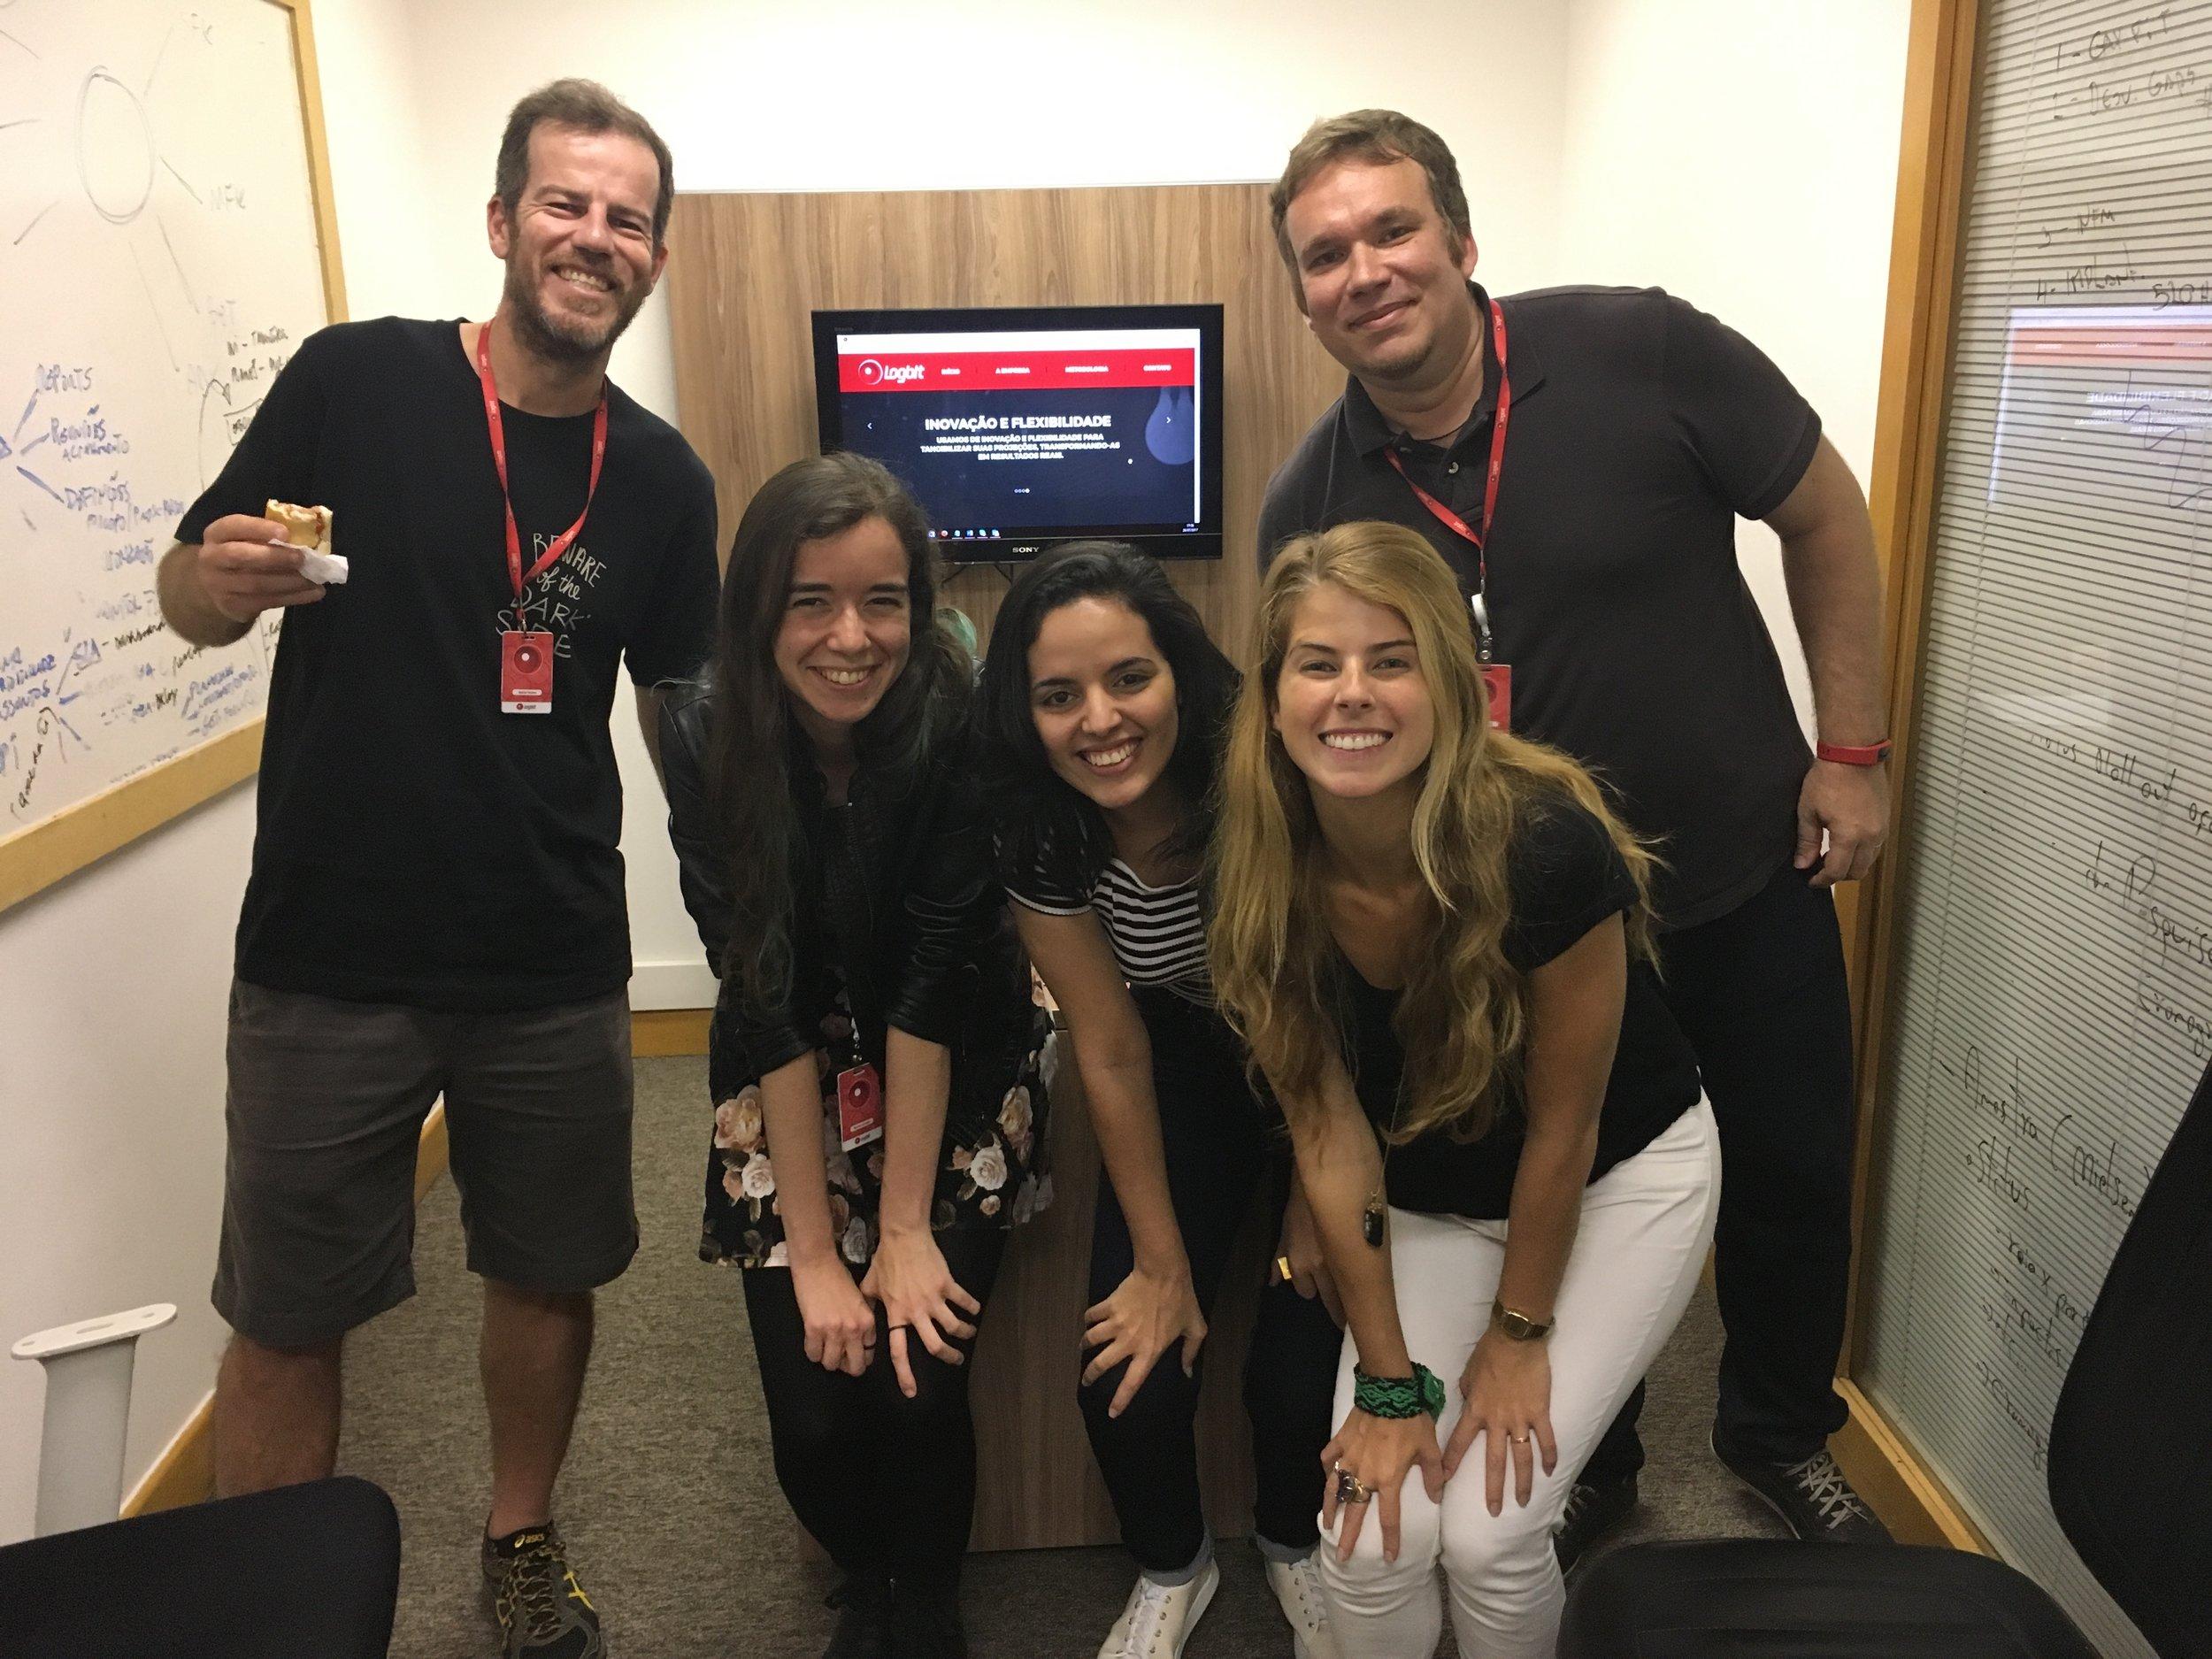 Agradeço a parceria do time da Logbit! Mais um projeto que conseguimos juntos colocar no mundo.